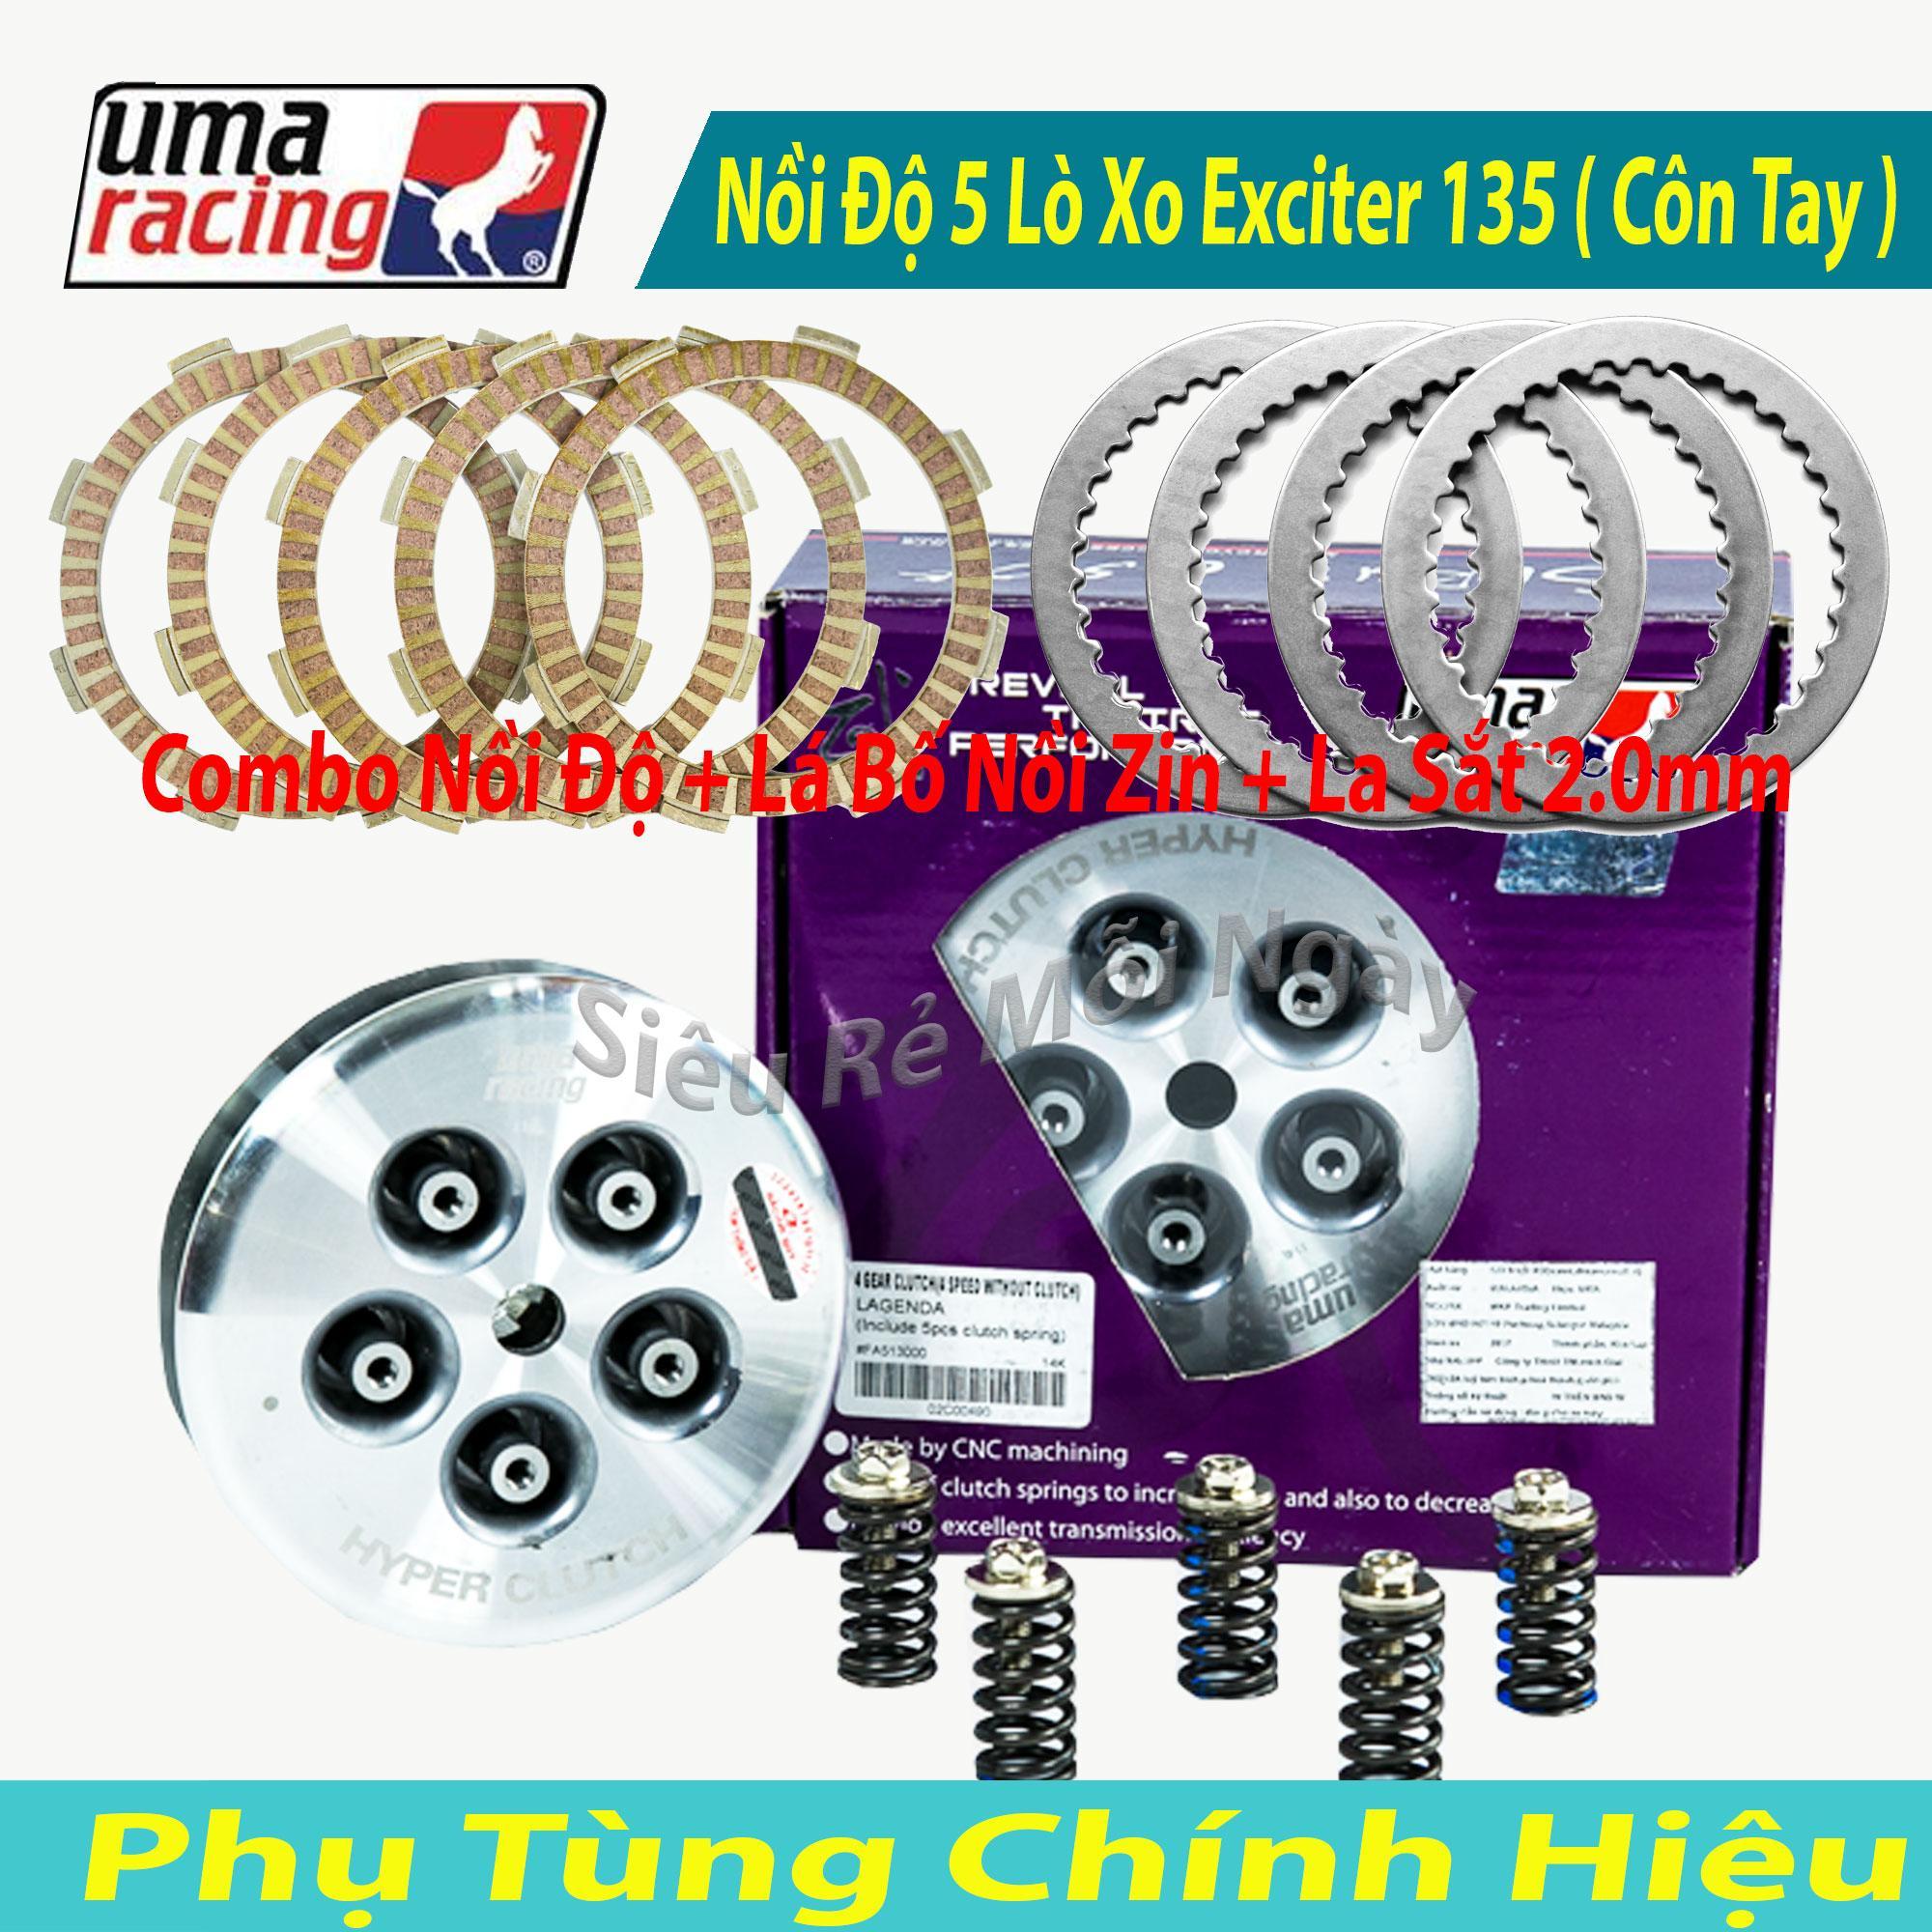 Giá Tiết Kiệm Để Sở Hữu Ngay Full Bộ Nồi Độ Uma Racing 5 Lò Xo Dùng Cho Exciter 135cc Côn Tay